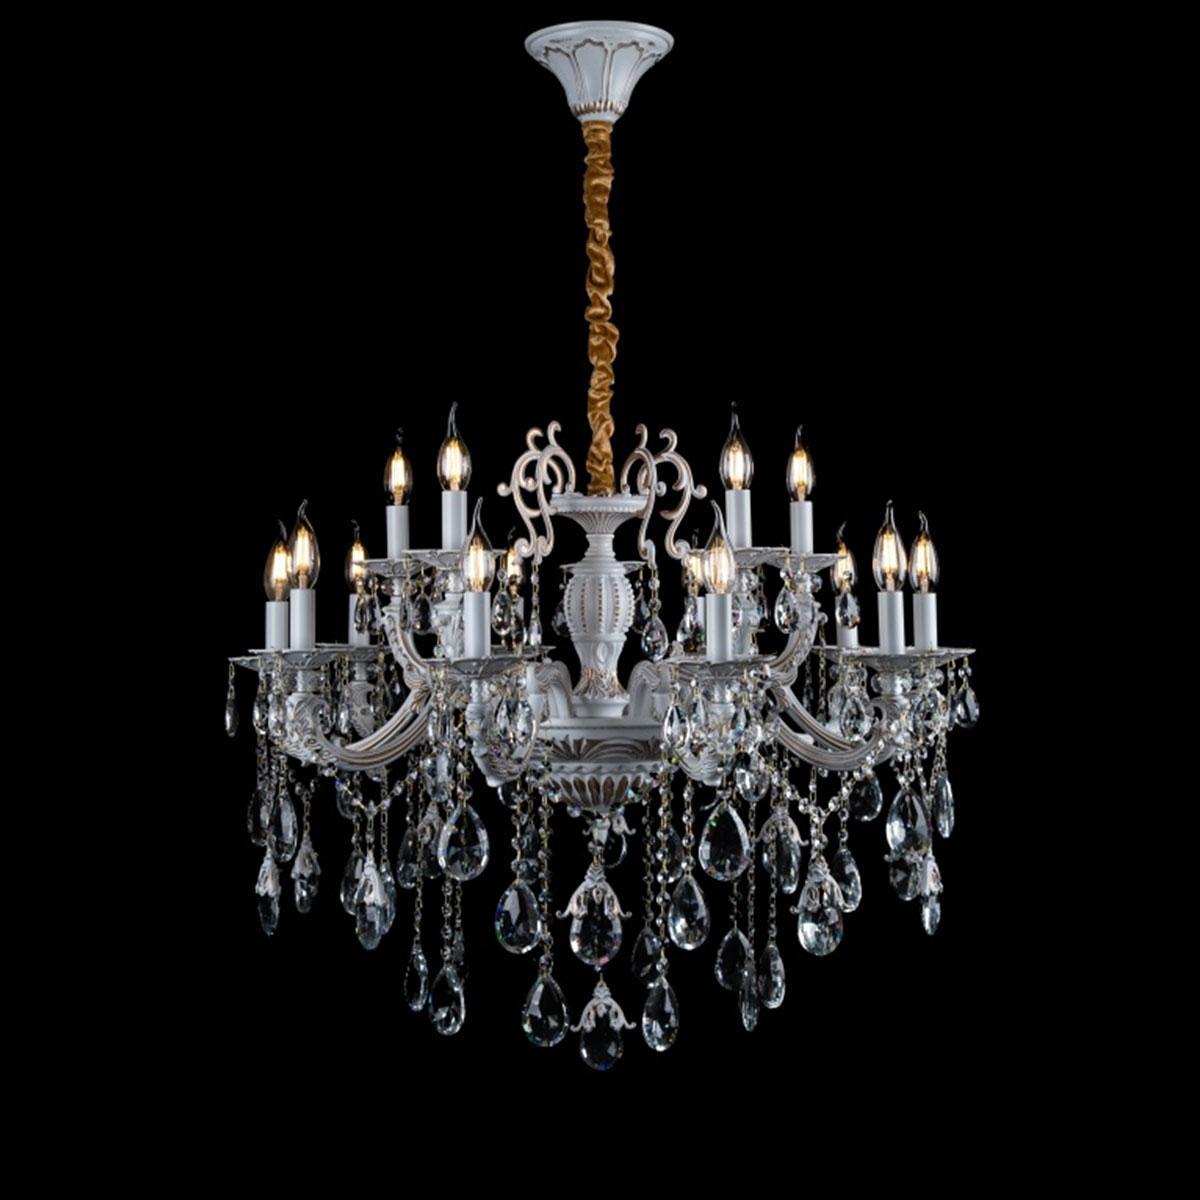 Классическая люстра-свеча на 15 лампочек СветМира золотая патина VL-L41421/10+5 (WT+GD)